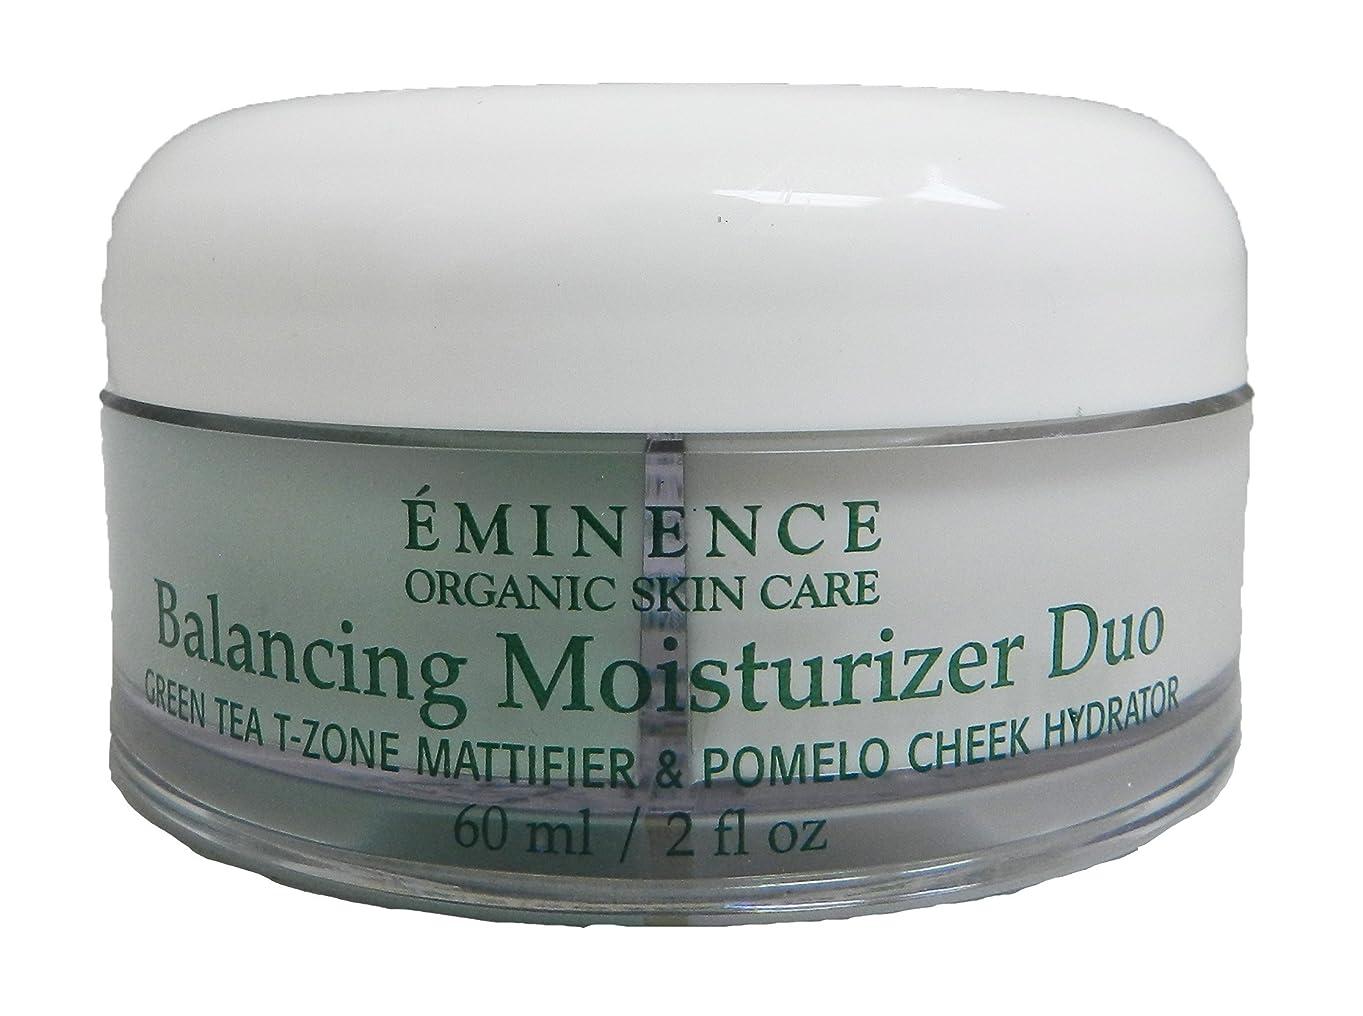 かろうじて敬メンターエミネンス Balancing Moisturizer Duo: Green Tea T-Zone Mattifier & Pomelo Cheek Hydrator - For Combination Skin Types 60ml/2oz並行輸入品